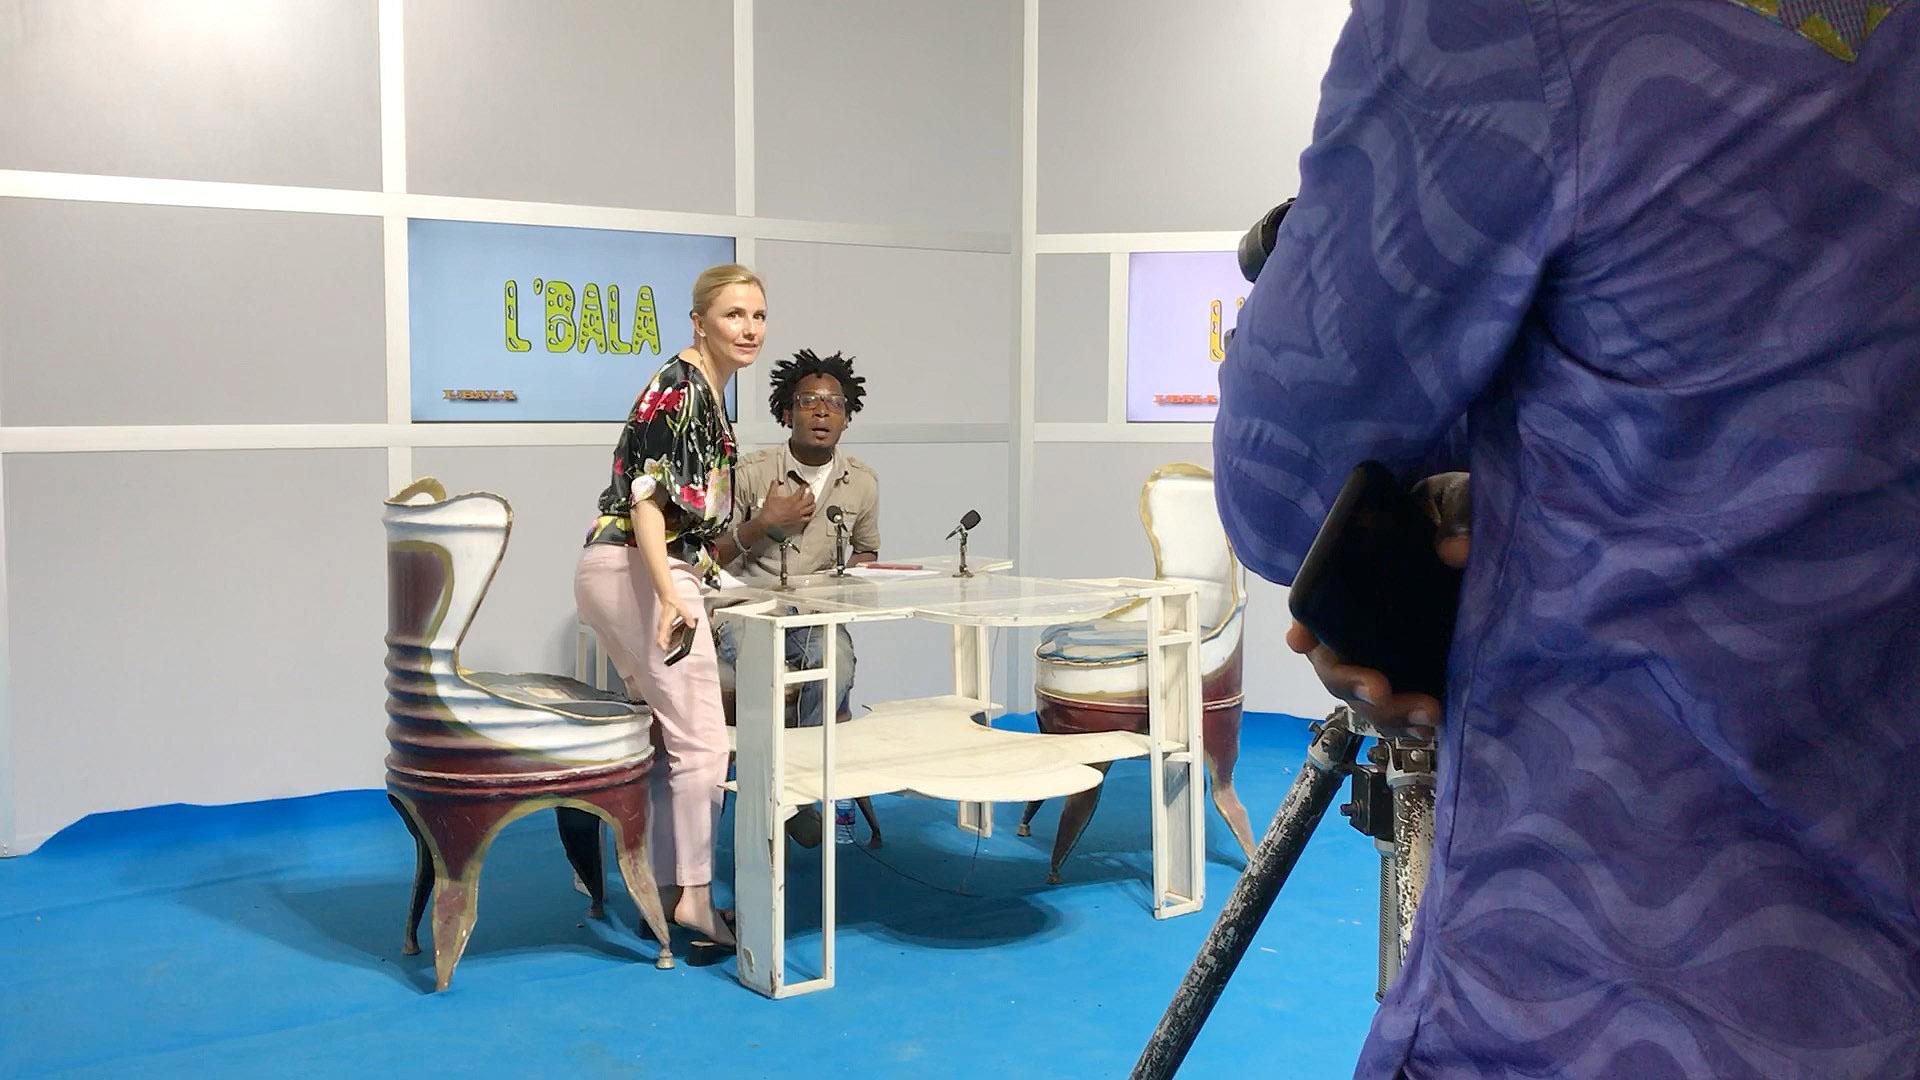 Studio de l'émission L'Bala pour le passage de l'association Ana-Nour sur la chaine nationale togolaise TVT